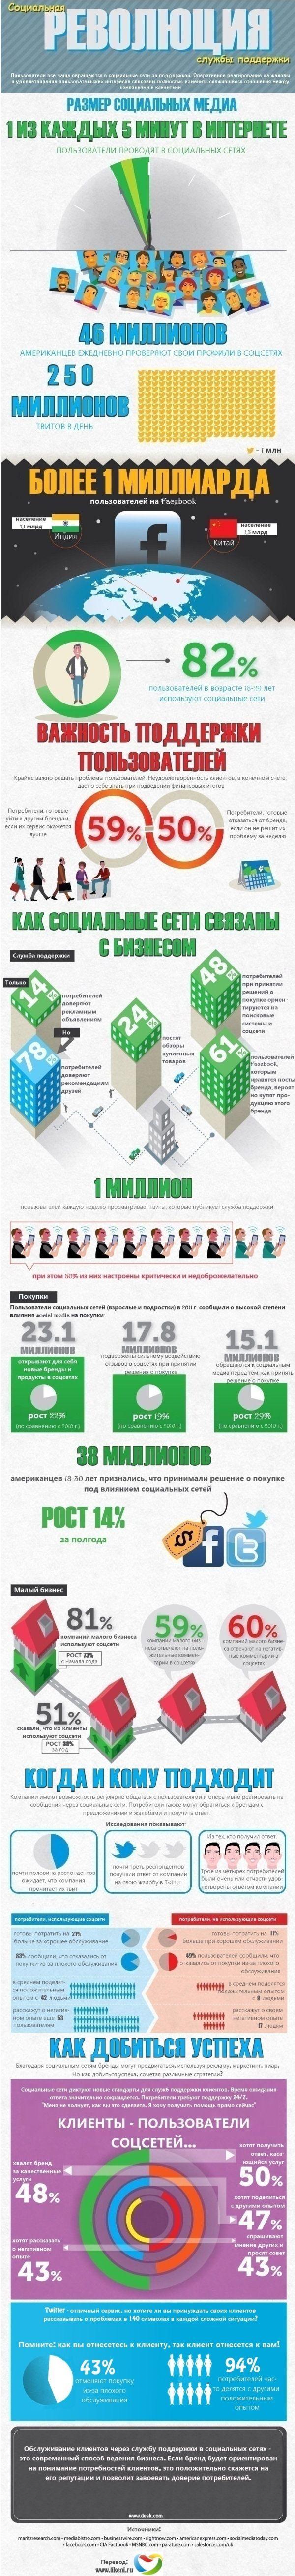 Инфографика: Служба поддержки в социальных сетях